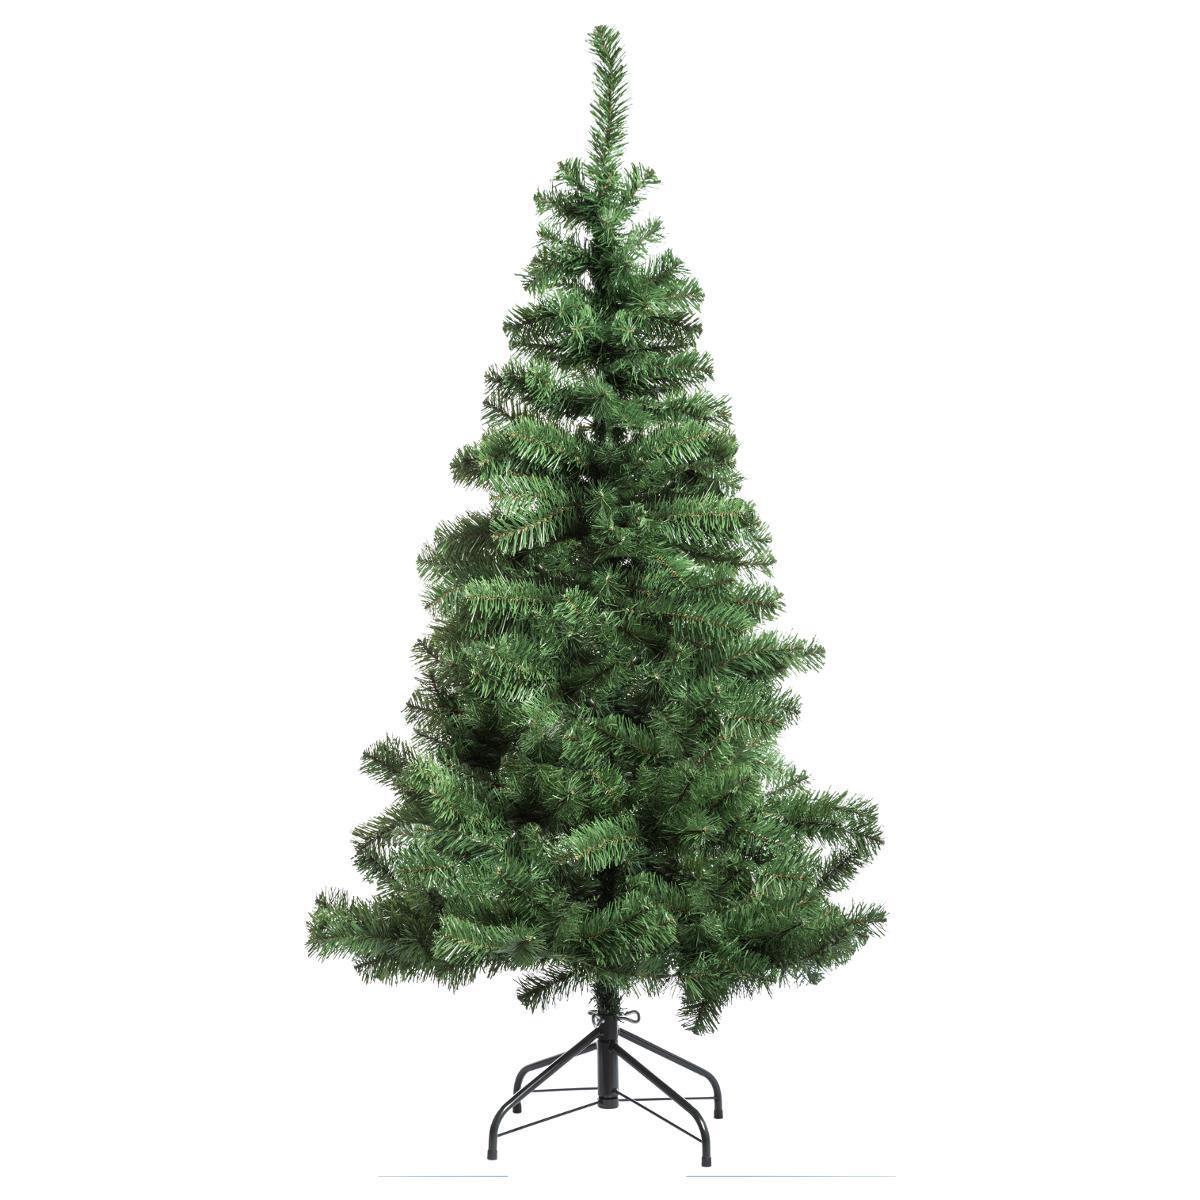 Feeric Christmas Sapin artificiel Utah 150 cm - Feeric Christmas